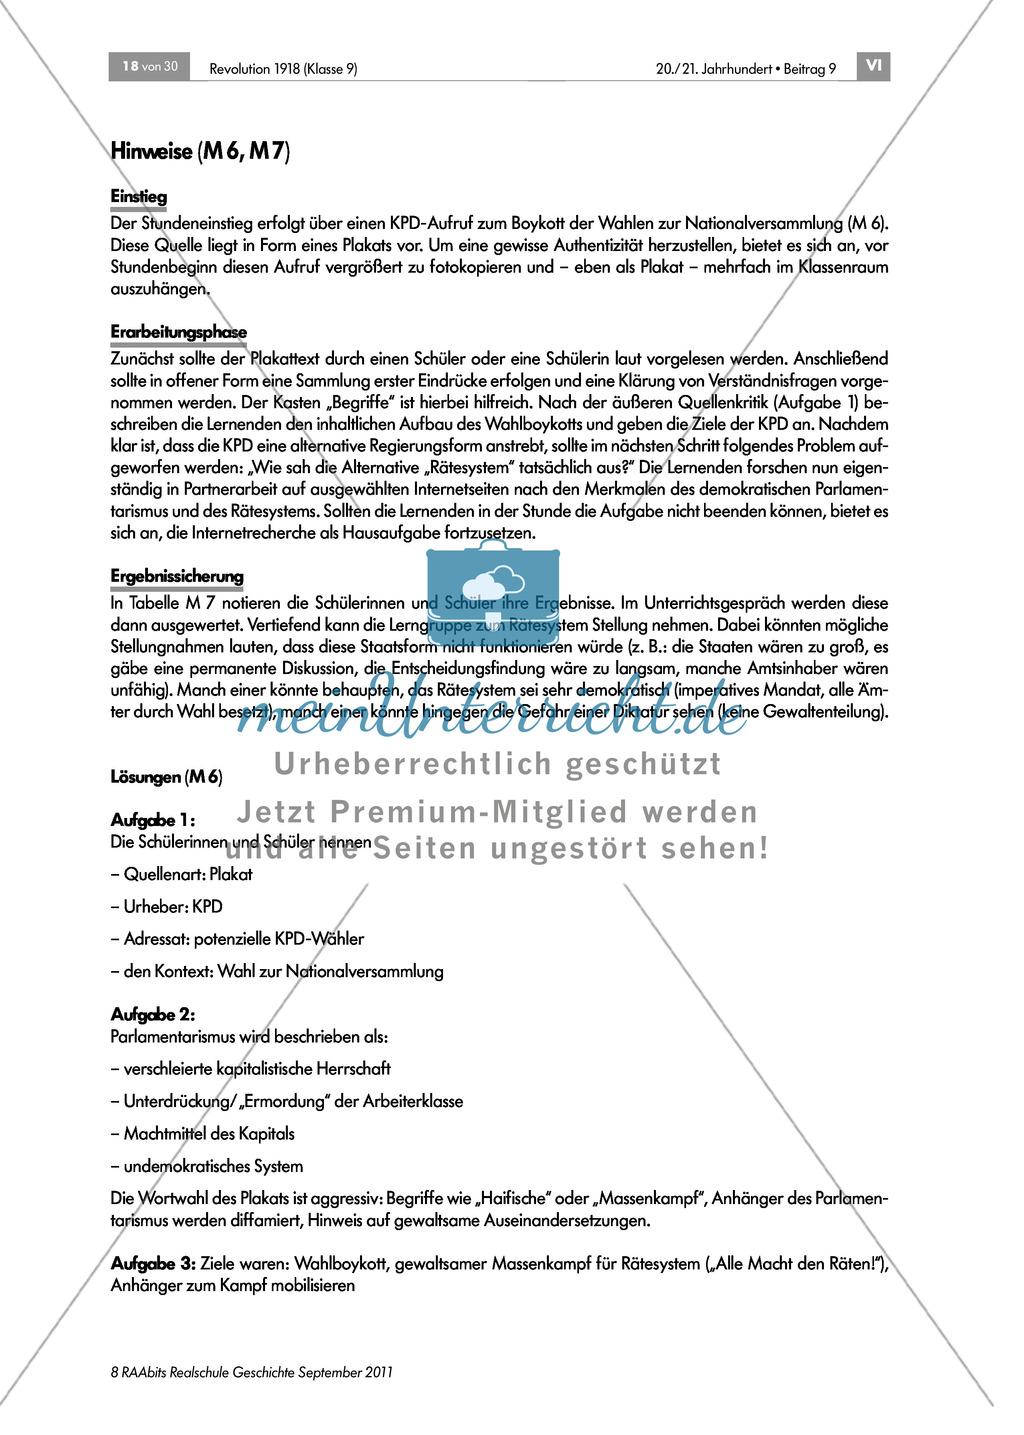 Quellen, Plakate, Flugblätter zum Spartakusbund und zur KPD in der Weimarer Republik mit Aufgaben Preview 1